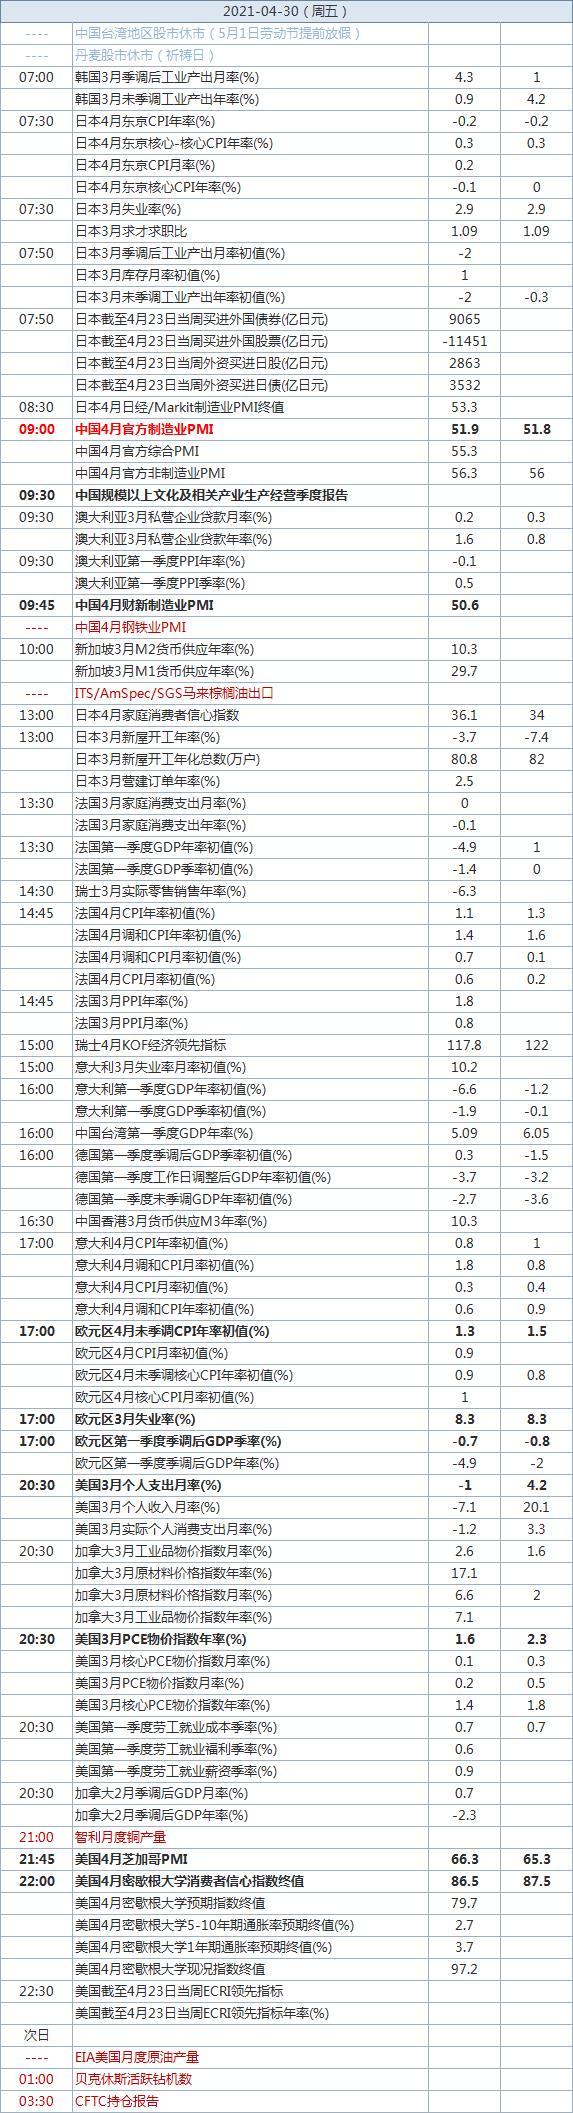 中国官方制造业PMI即将出炉 4月29日经济数据预告